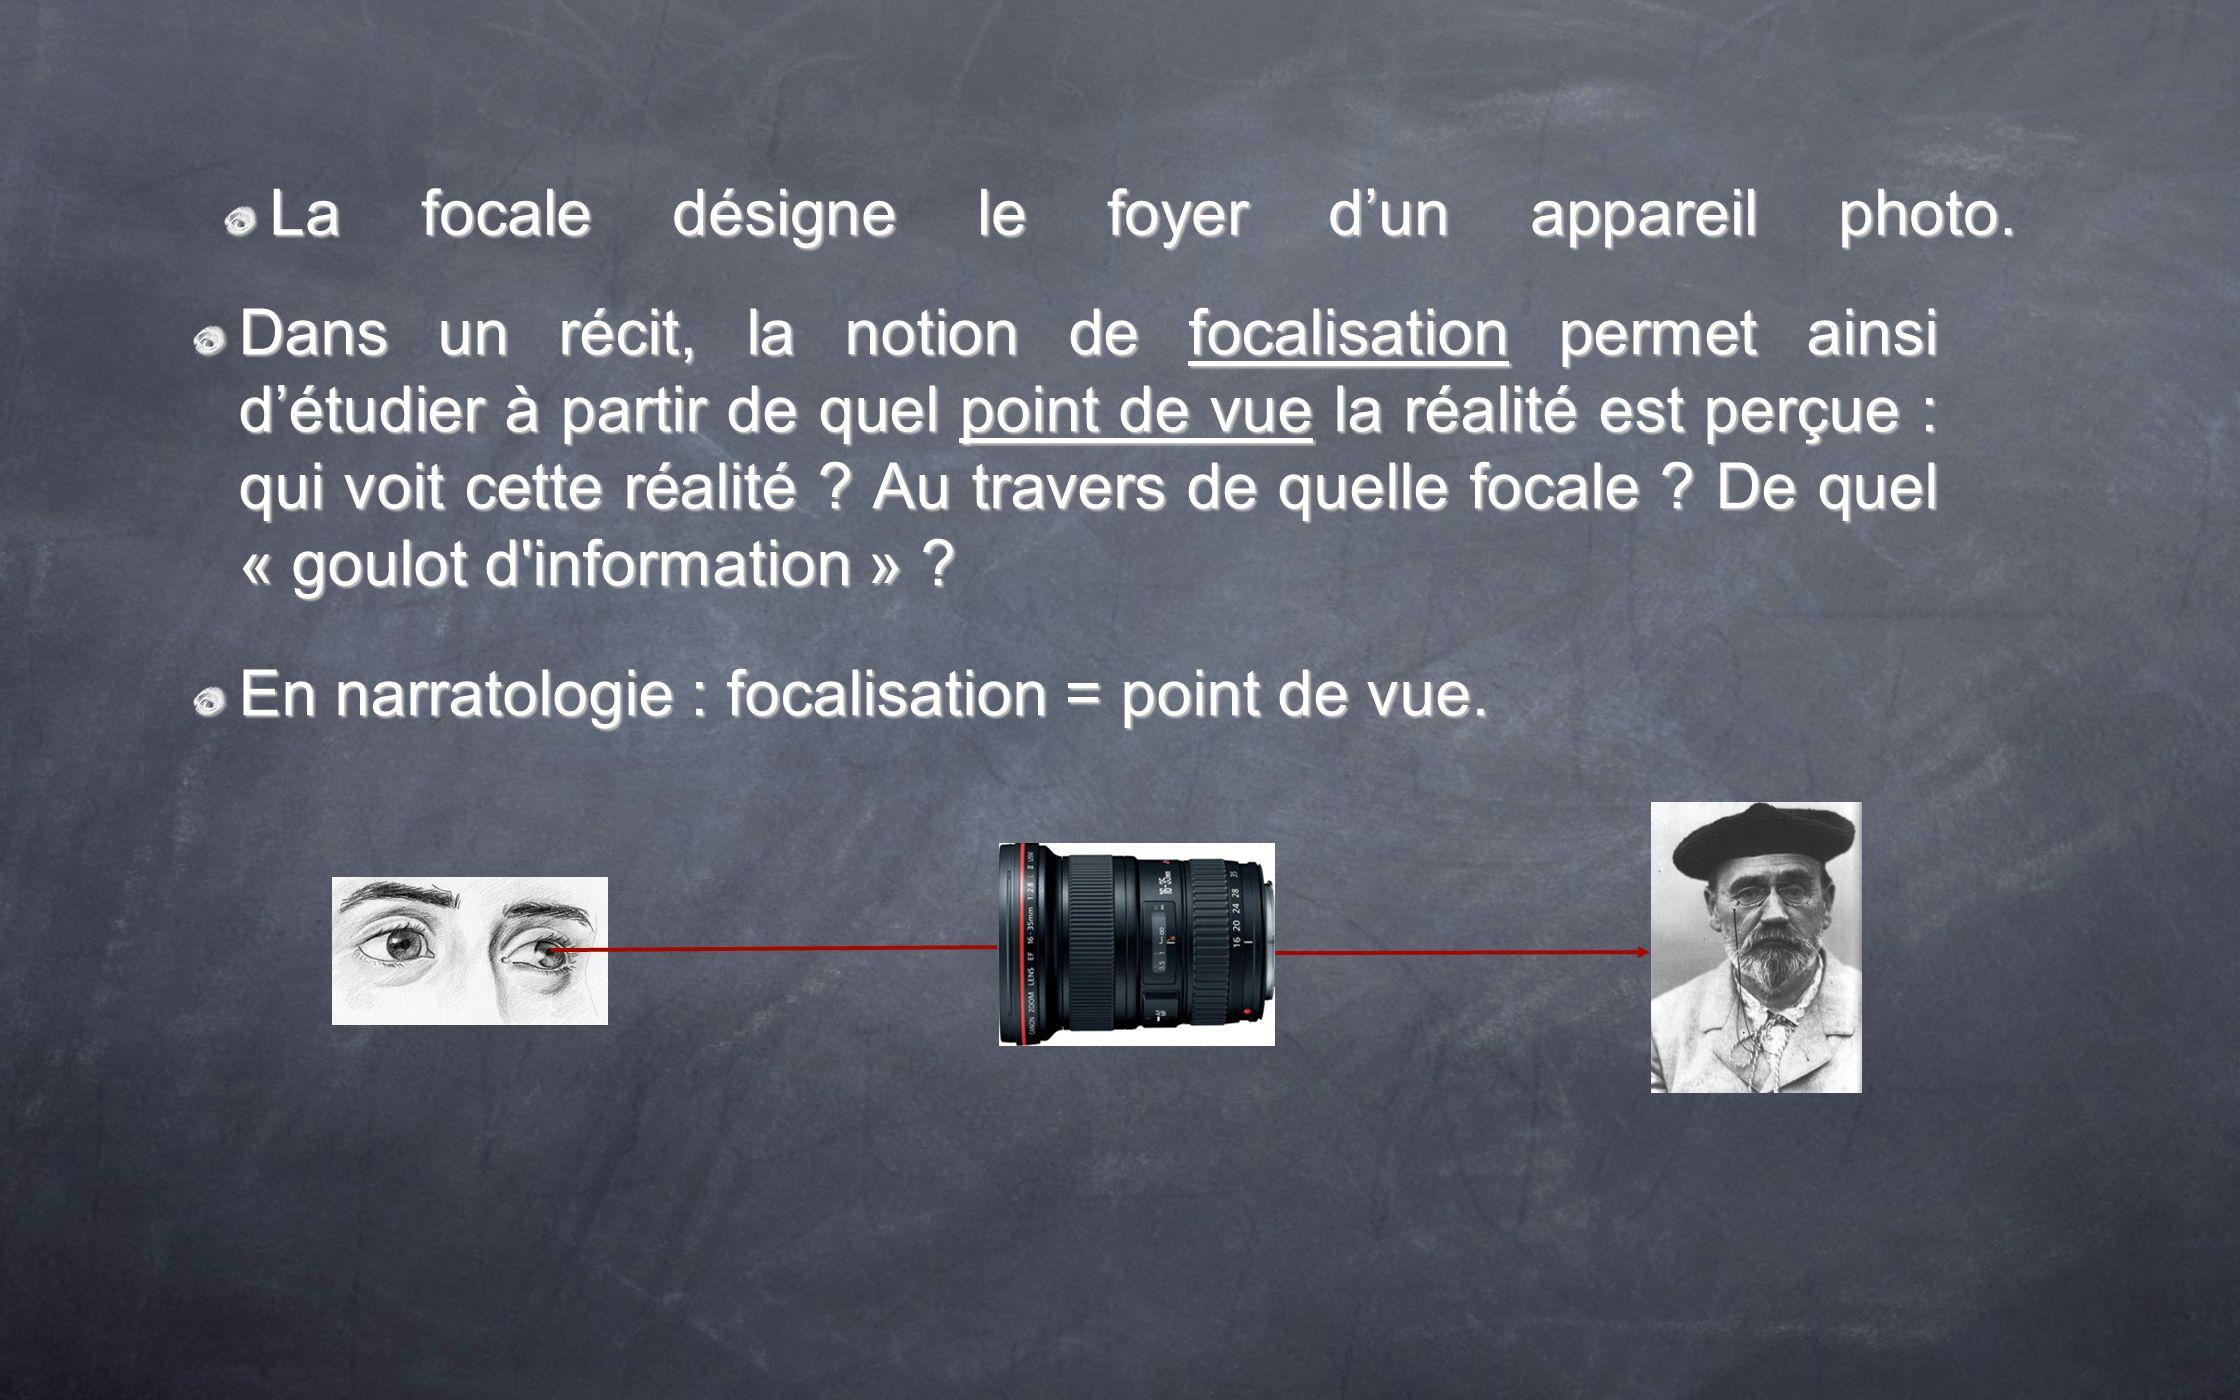 La focale désigne le foyer d'un appareil photo.